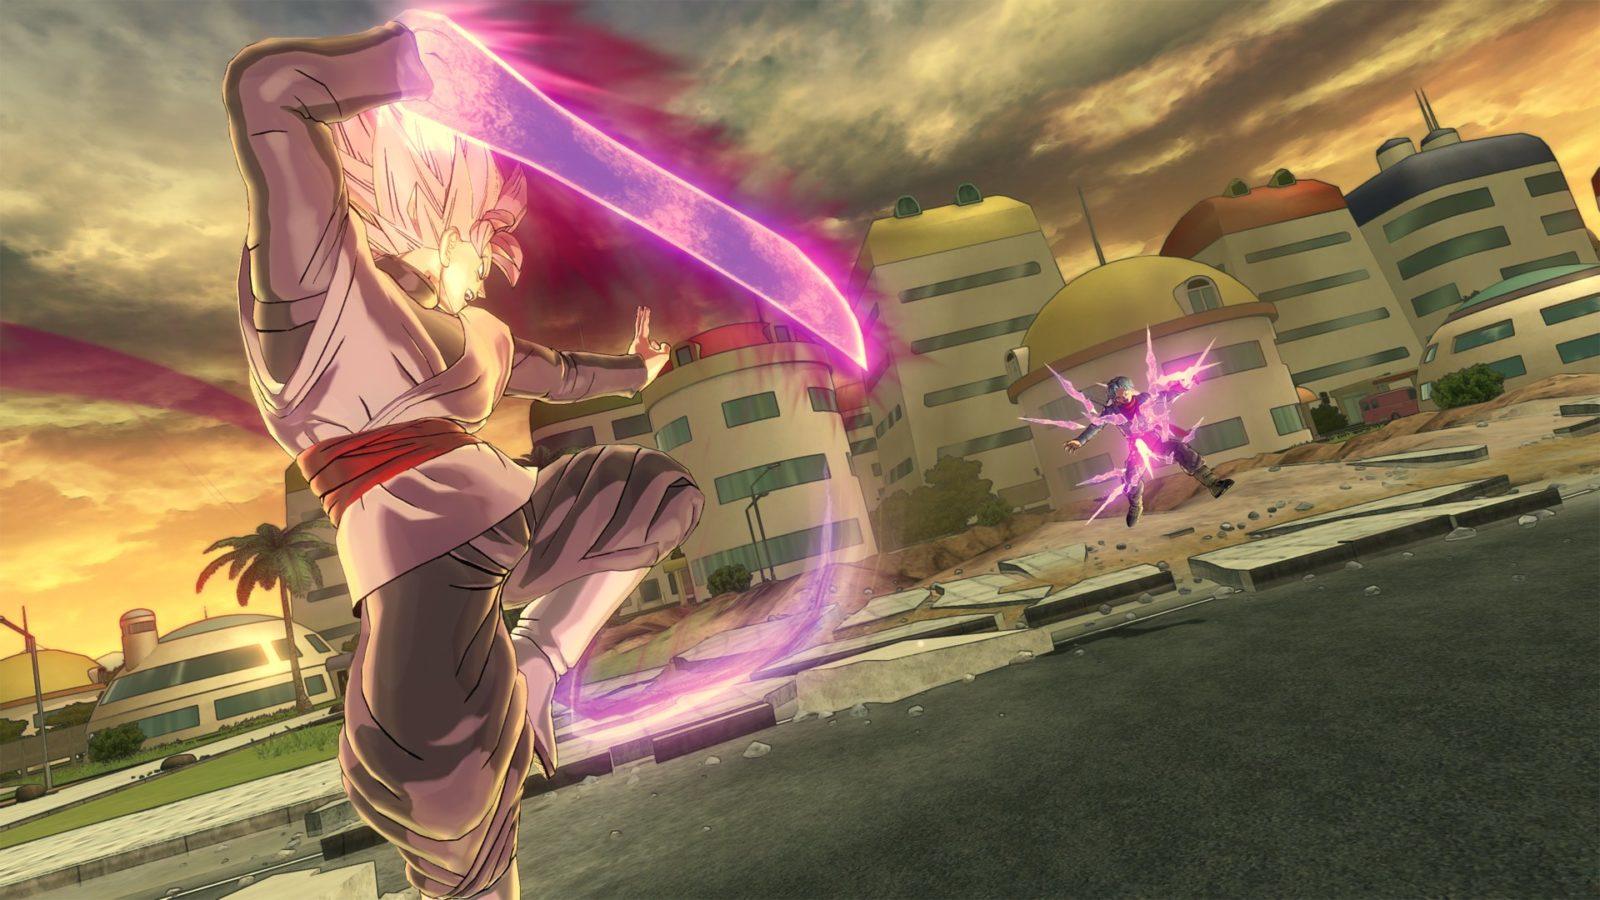 Whats With The New Lazo In Fortnite Divine Lasso Dragon Ball Xenoverse 2 Wiki Fandom